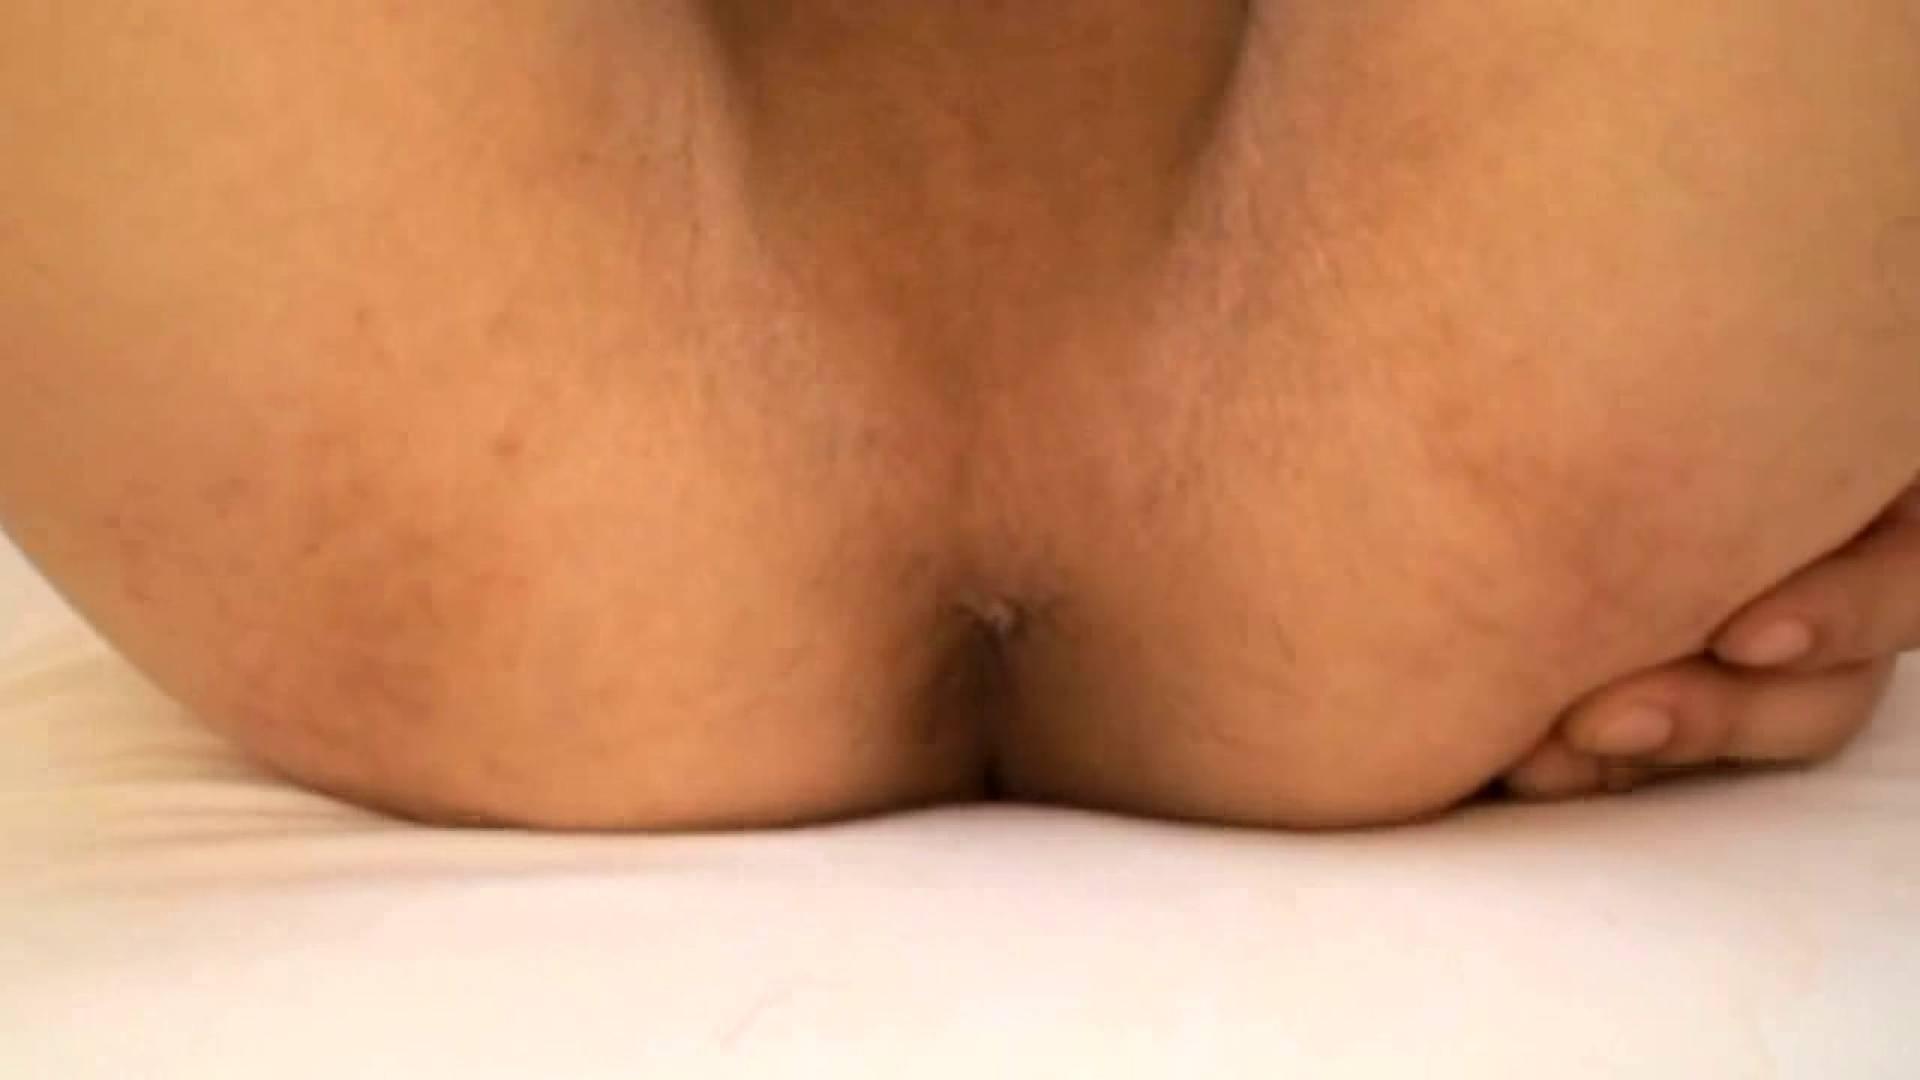 ノンケ!自慰スタジオ No.18 ゲイの自慰 ゲイエロ動画 110pic 103